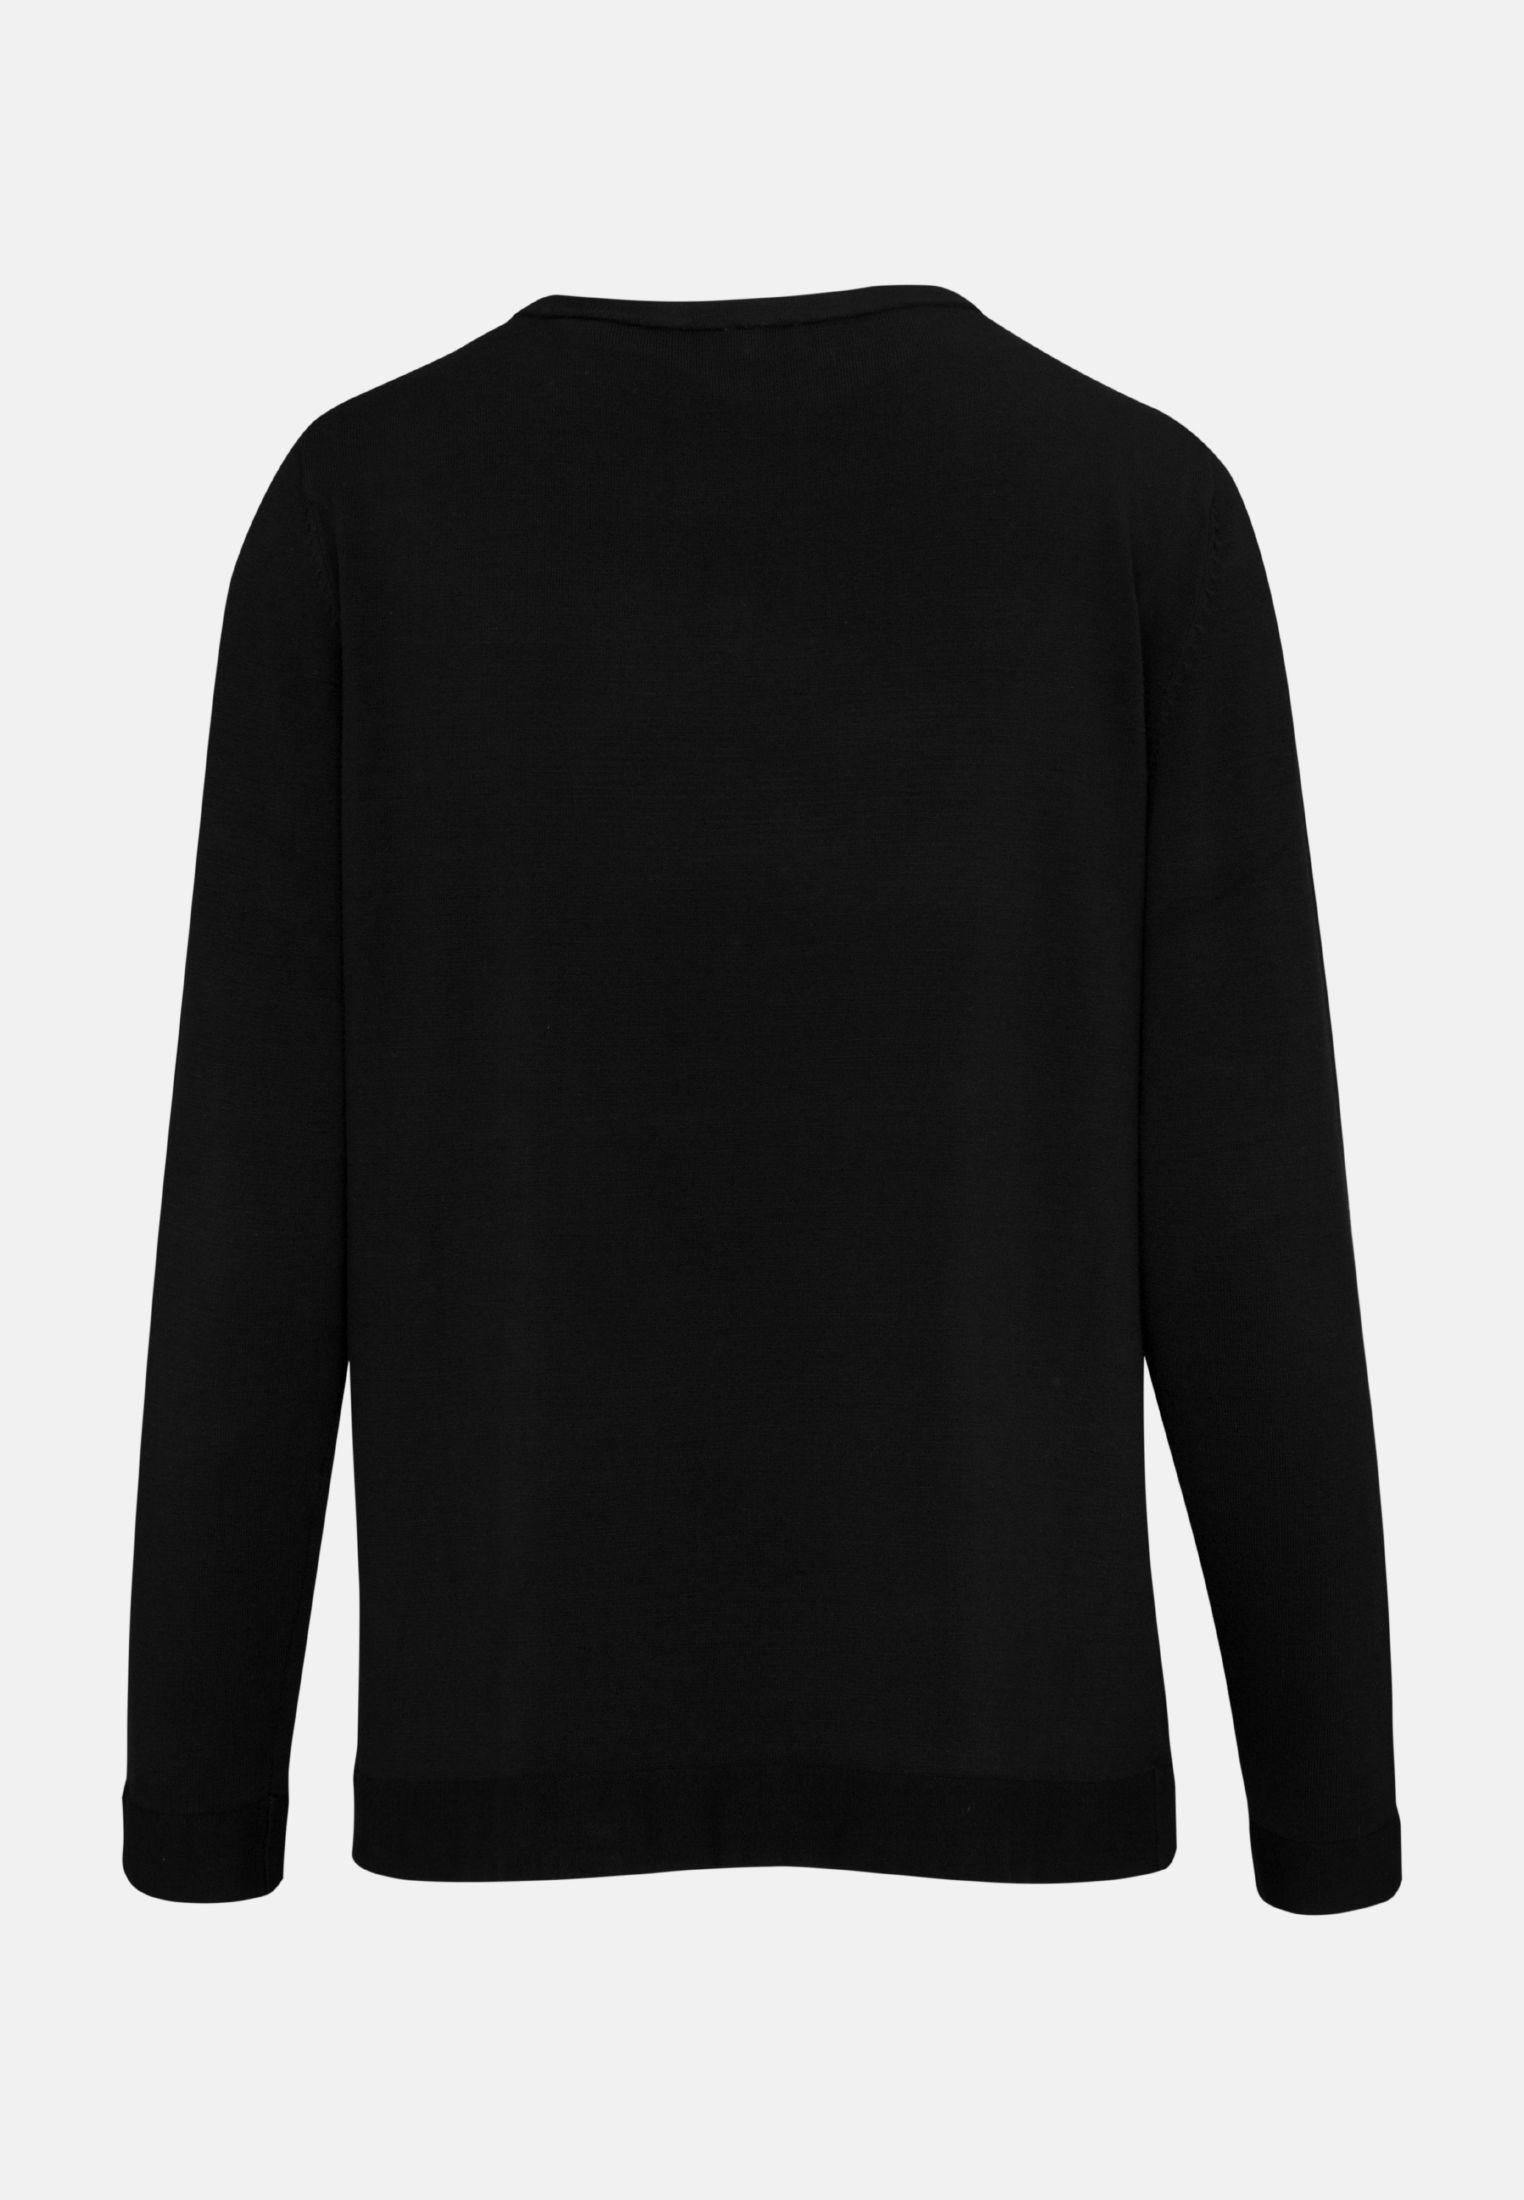 Rundhals Pullover aus Viskosemischung in Schwarz |  Seidensticker Onlineshop